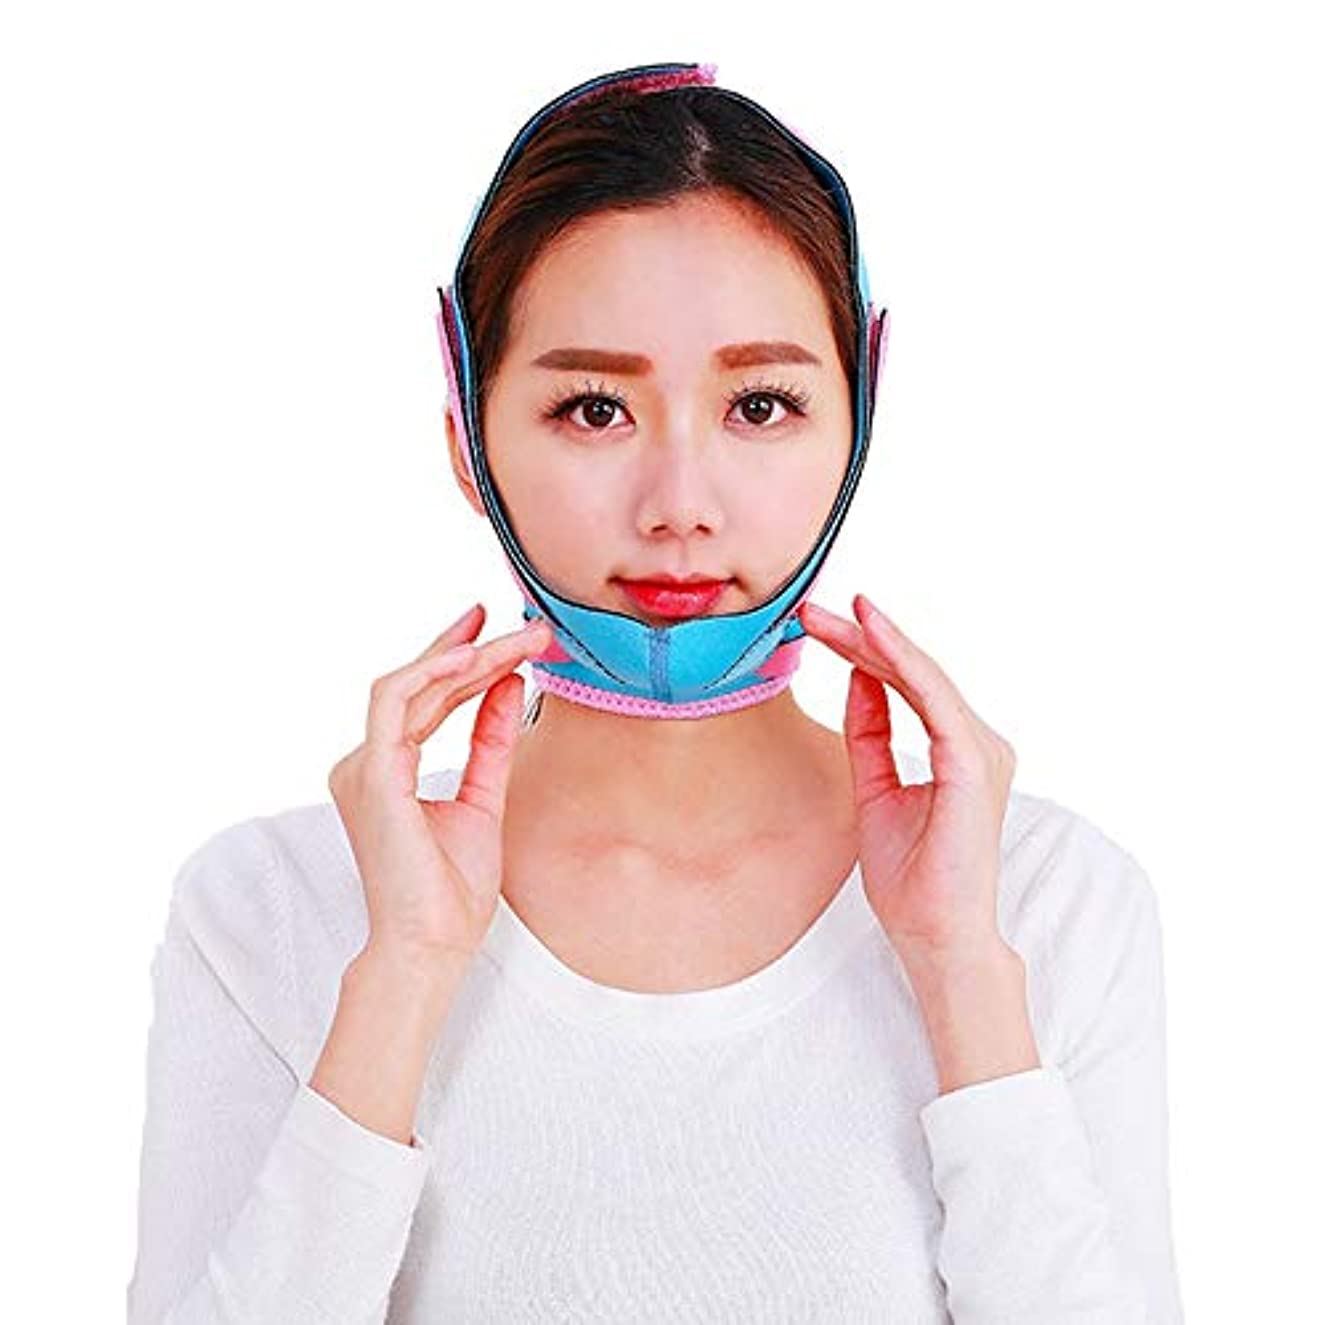 先住民マイクロフォン導入するフェイスリフトベルト 薄い顔のベルト - 薄い顔のベルト通気性のある顔の包帯前面のリフティングマスクVの顔薄い面の小さな持ち上げツール